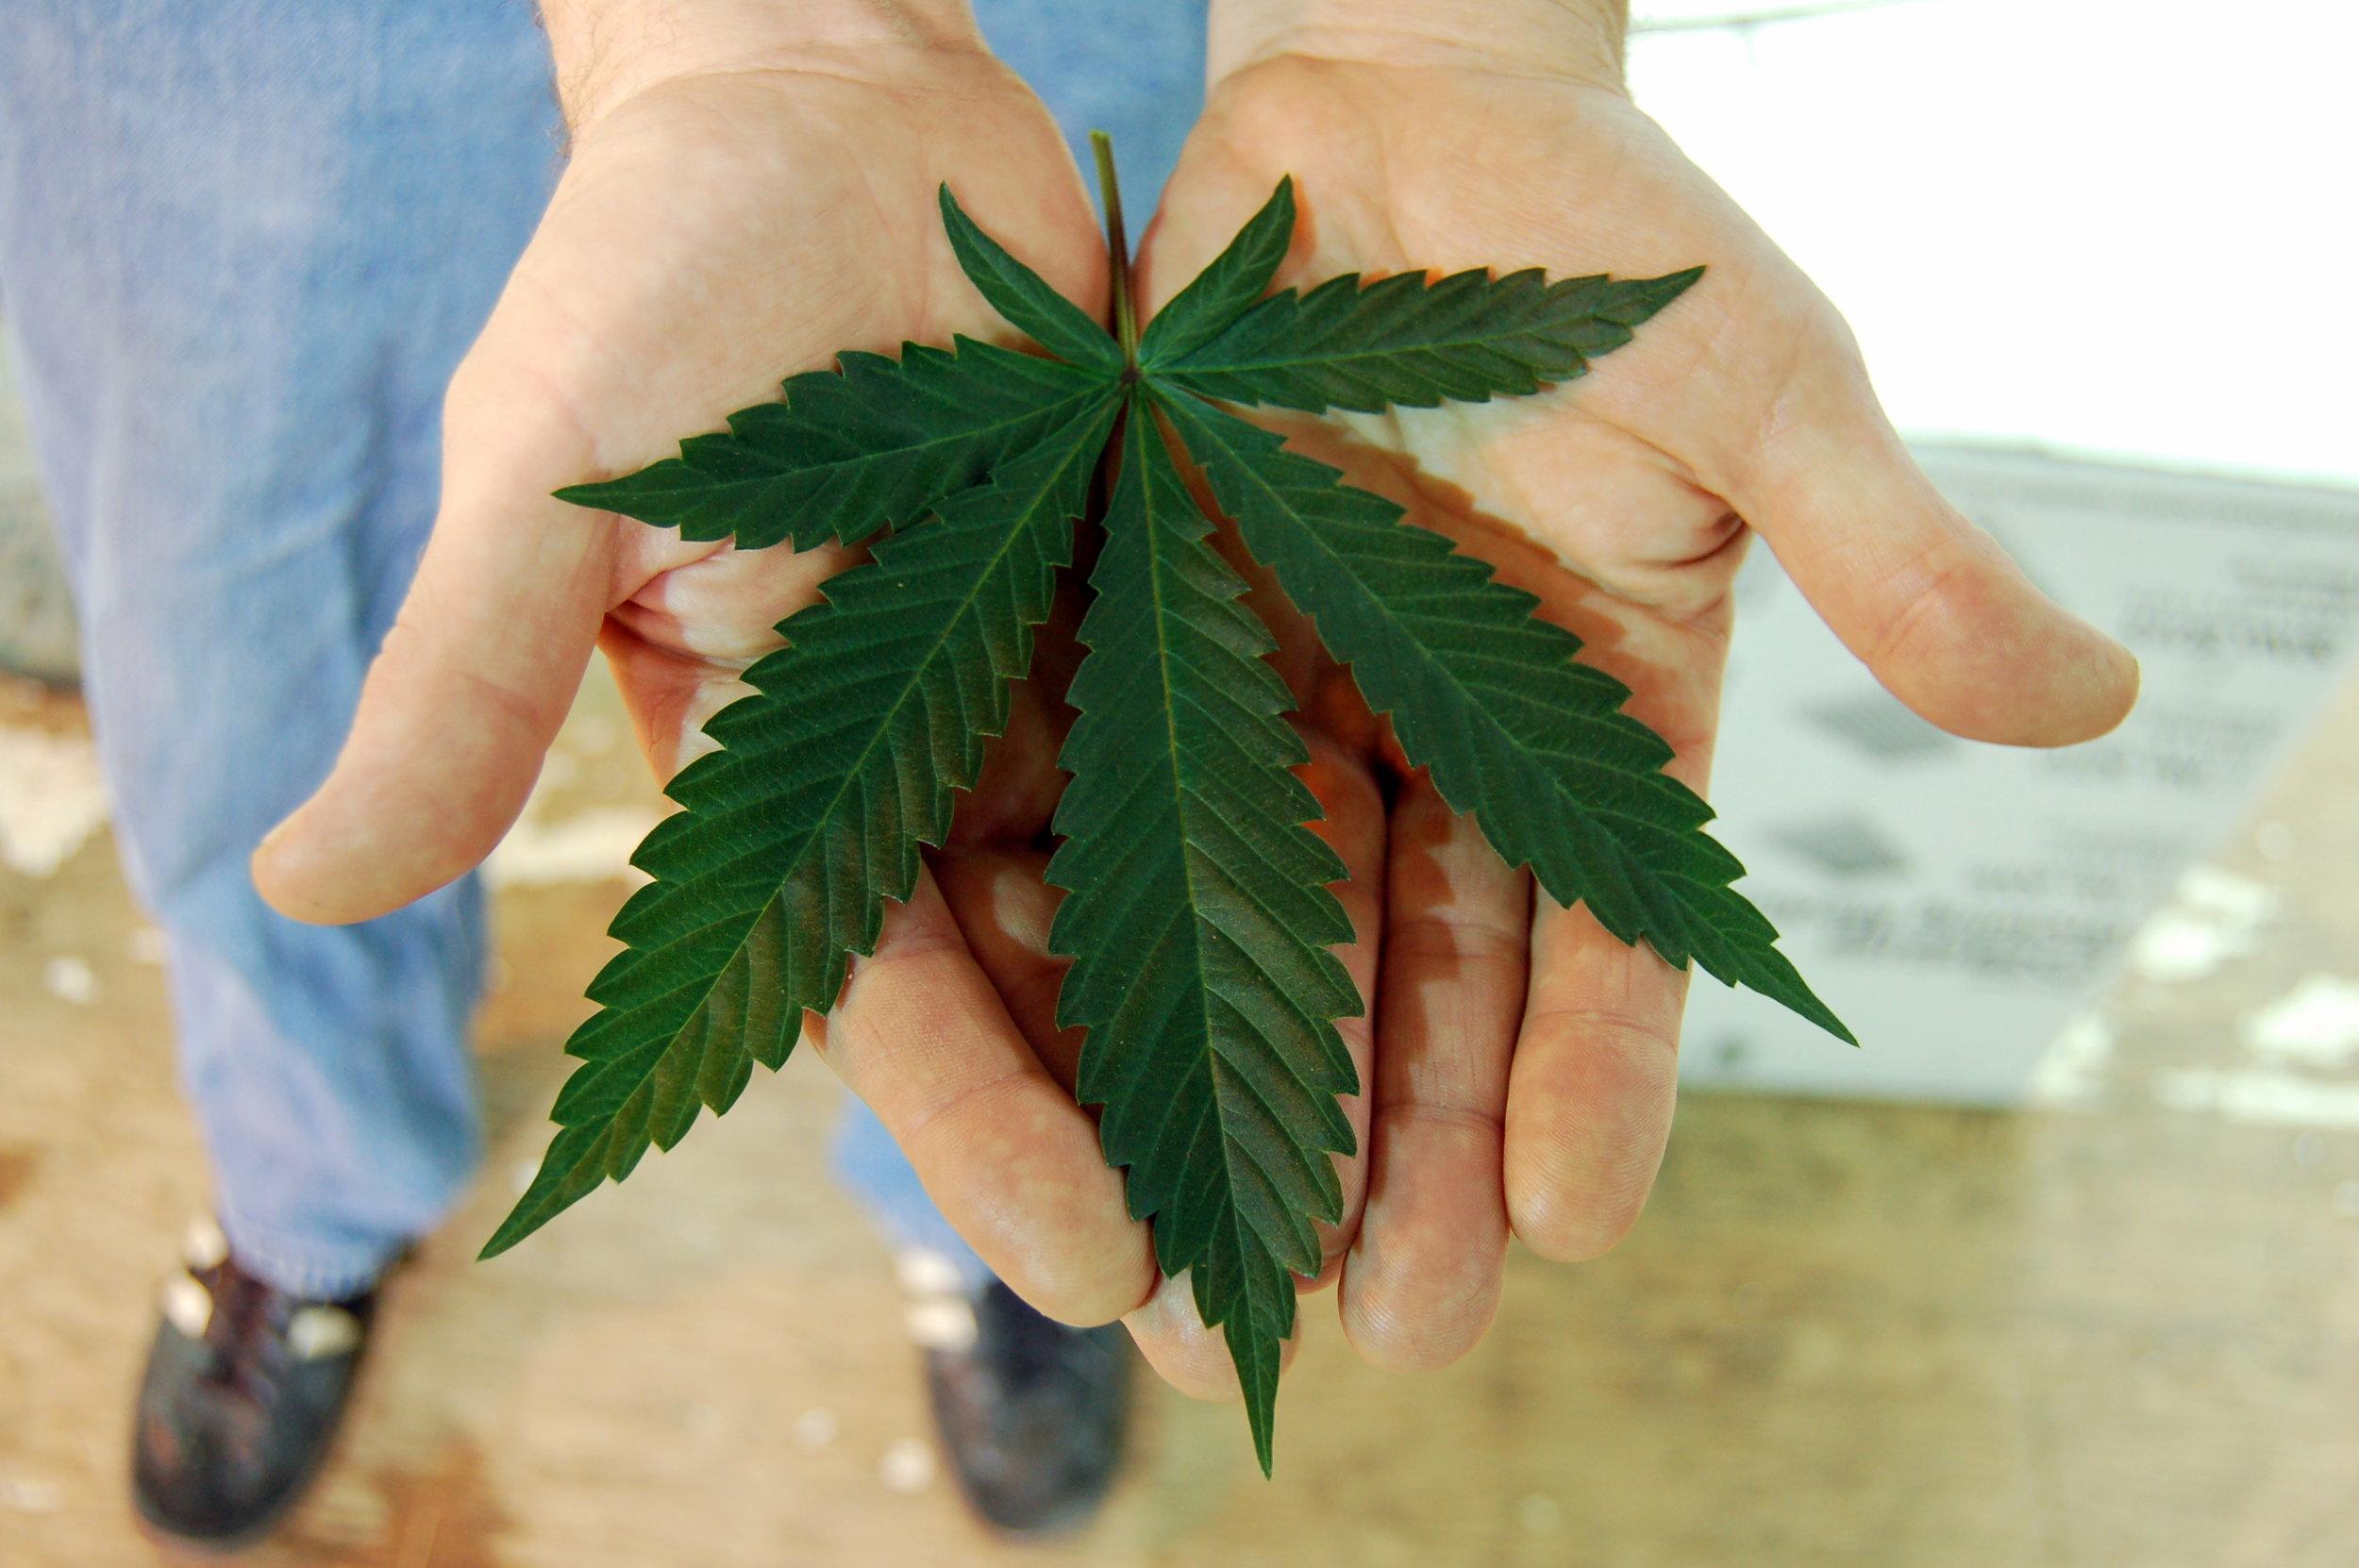 leaf in hand.JPG